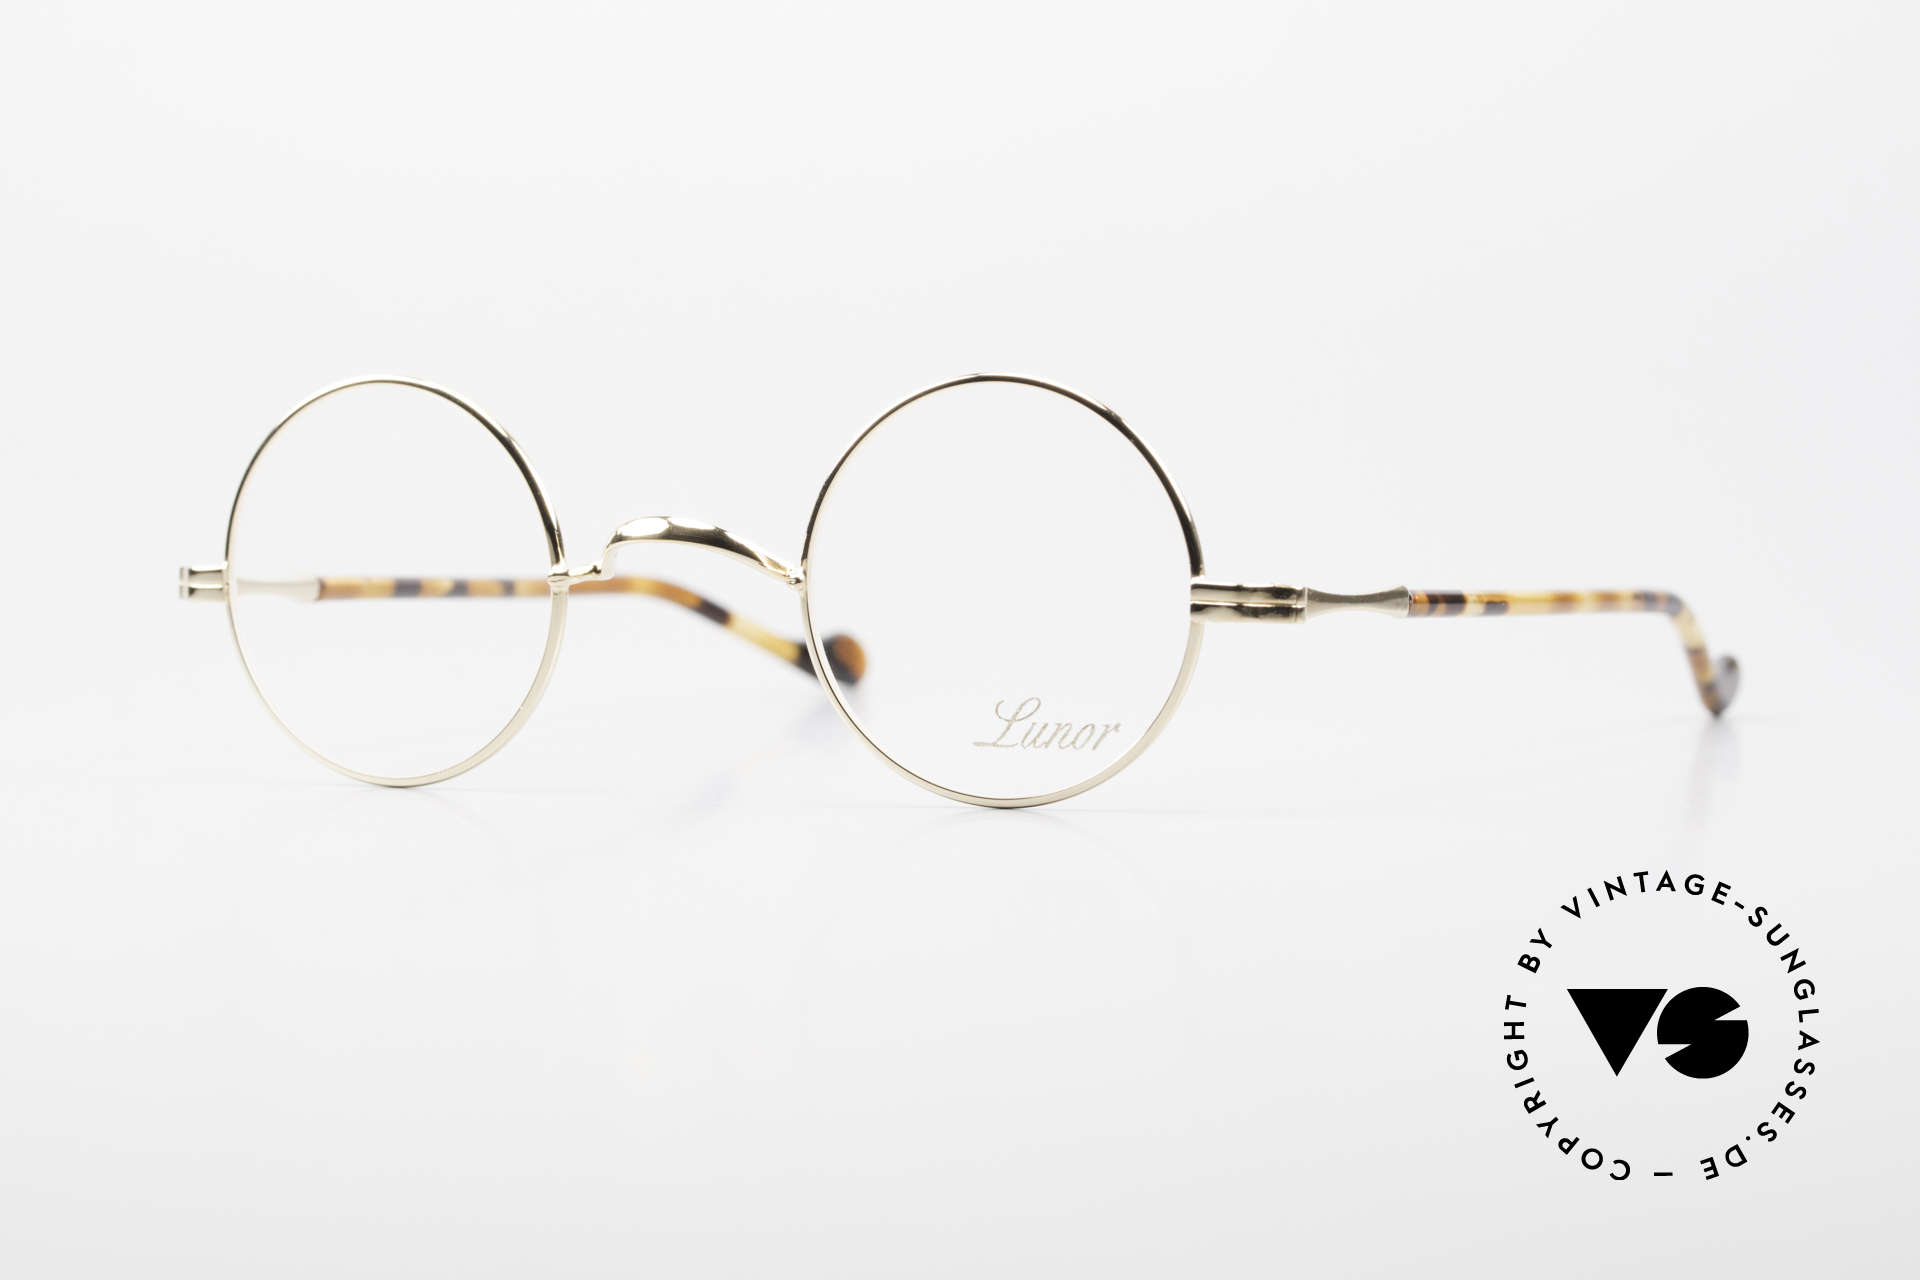 Lunor II A 12 Runde Brille 22kt Vergoldet, Lunor Brille aus der Lunor II-A Serie (A = Acetat), Passend für Herren und Damen